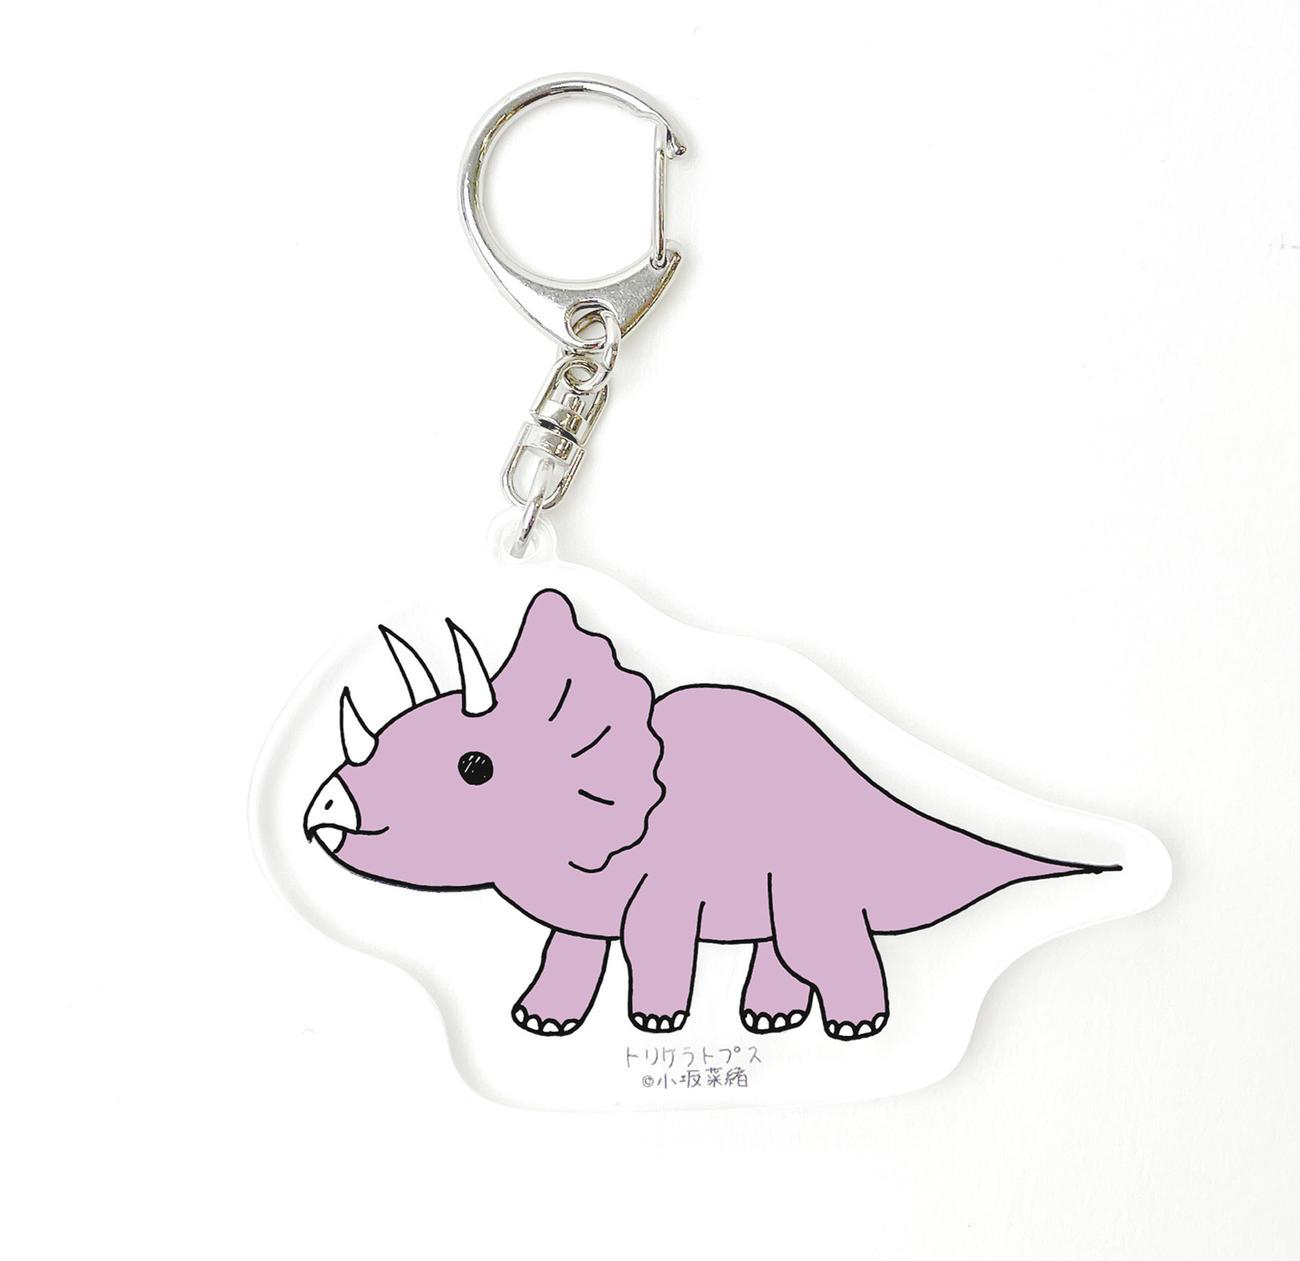 「DinoScience 恐竜科学博」公式アンバサダーに就任した小坂菜緒が描いたイラストをもとに作られたキーホルダー